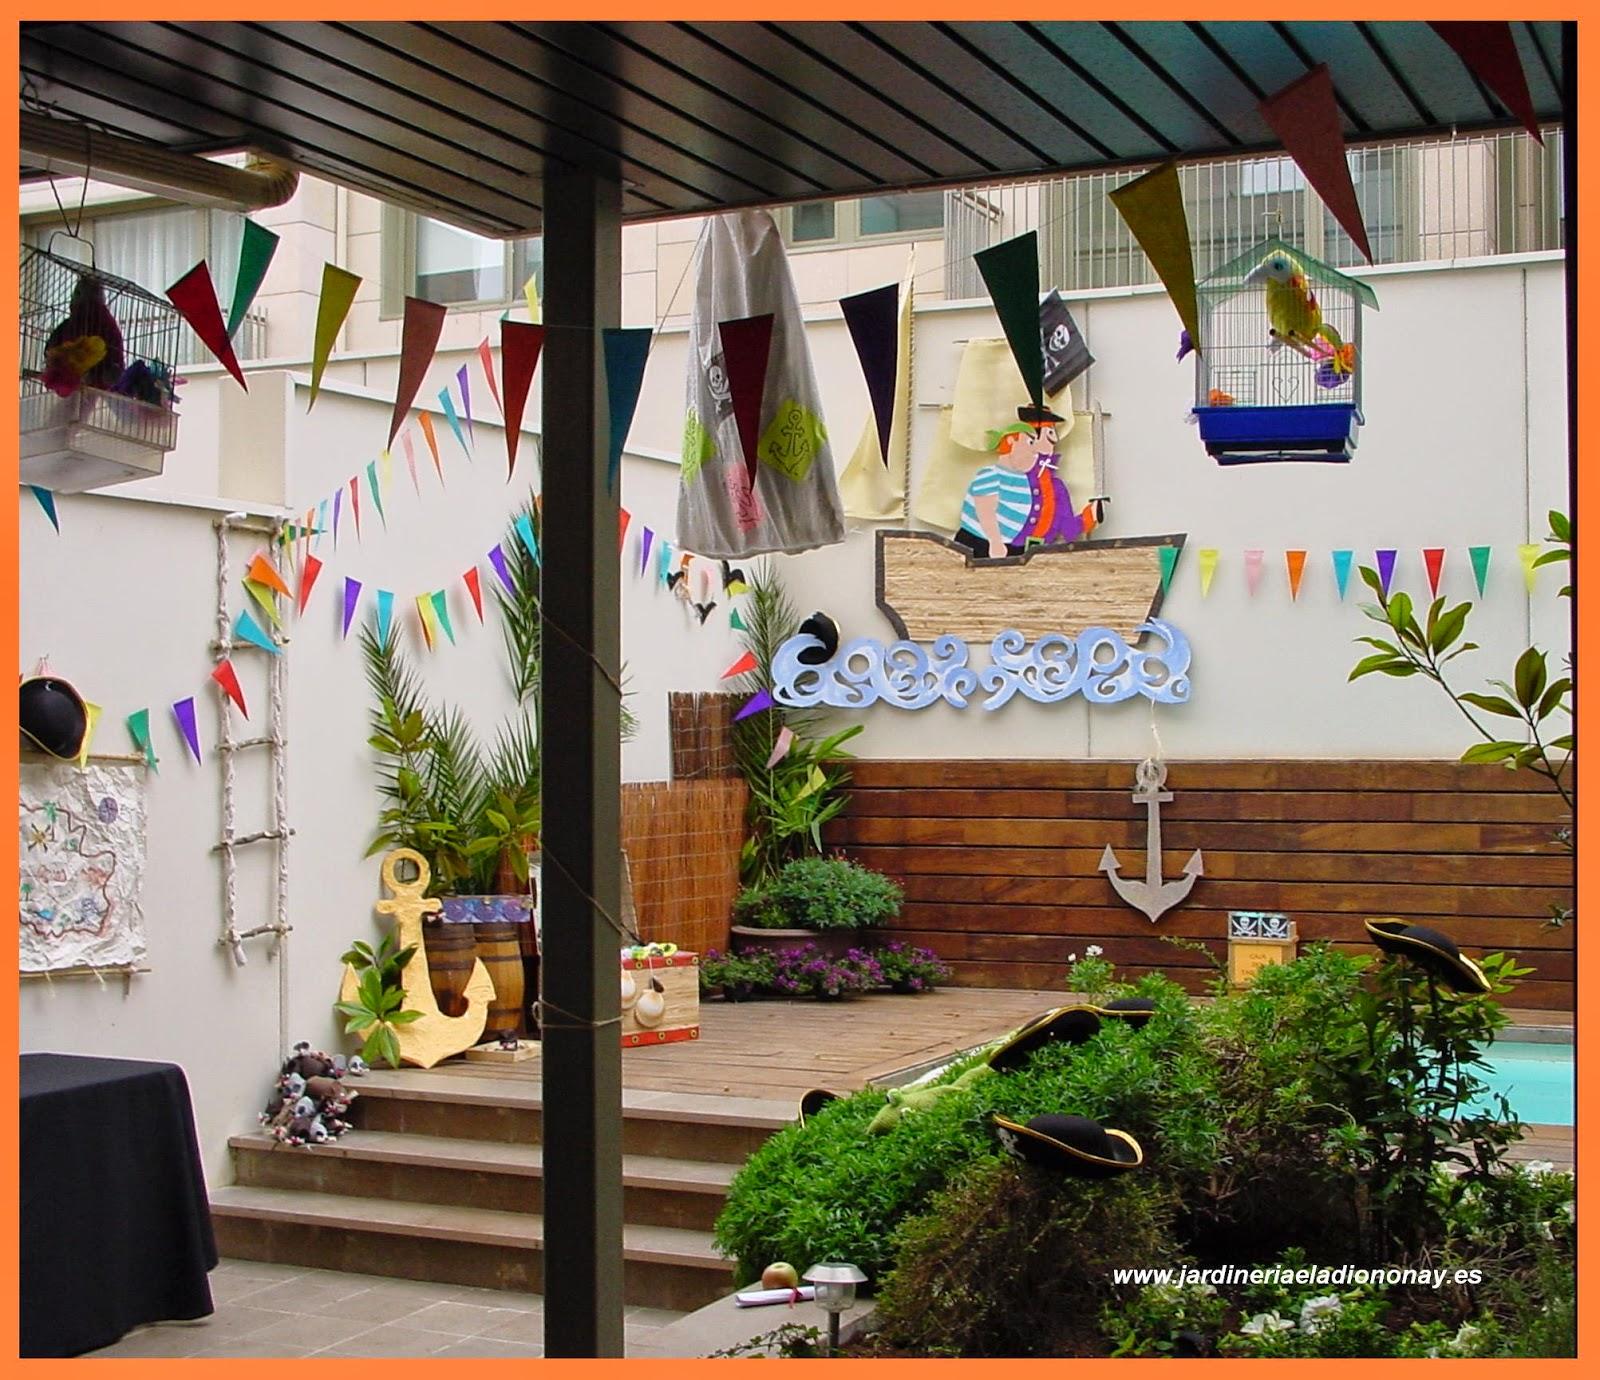 Jardineria eladio nonay decoraci n jard n primera for Decoracion jardineria